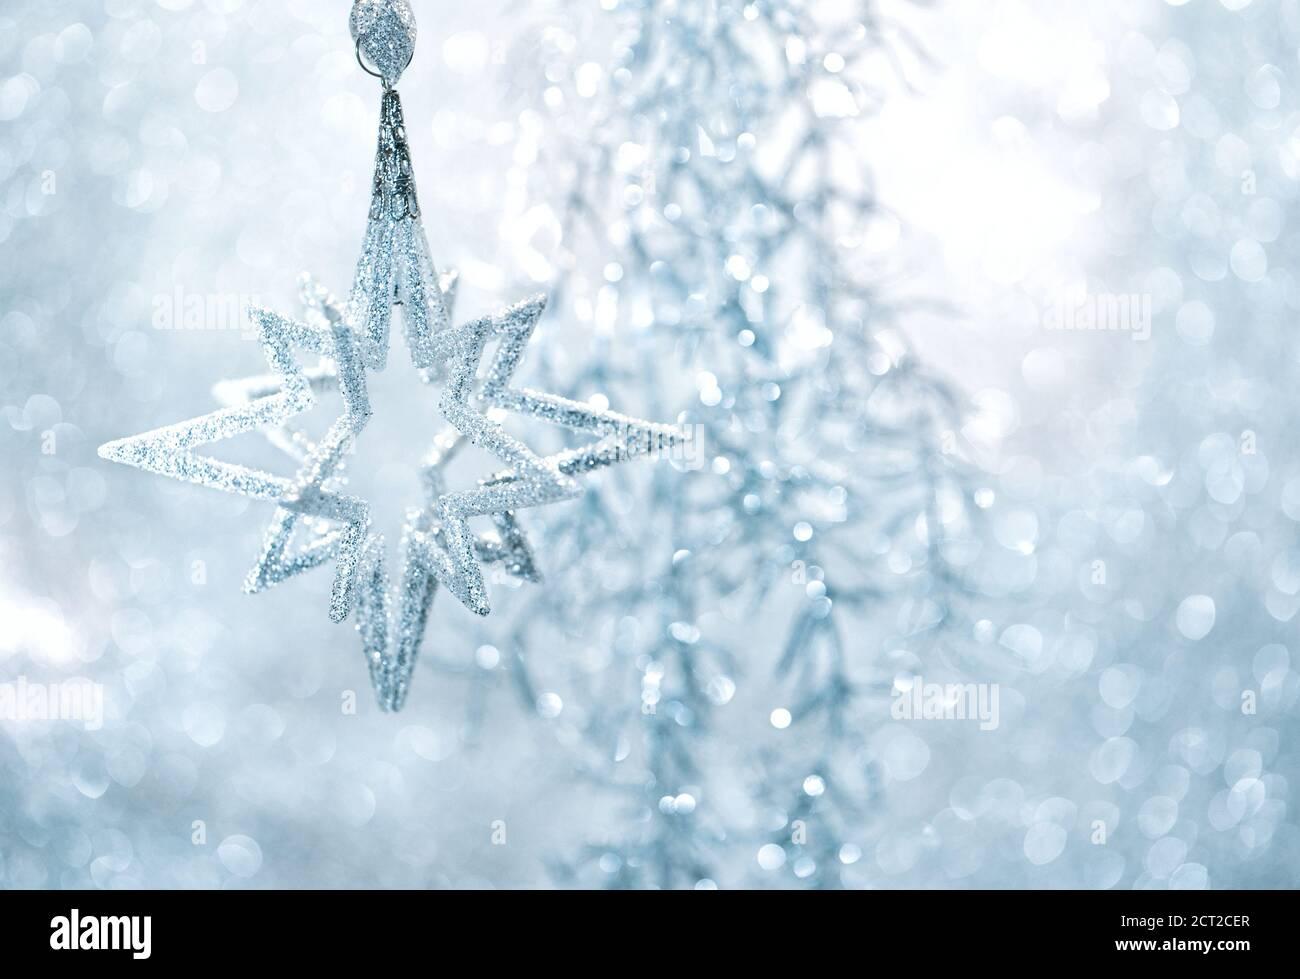 Adorno de decoración de Navidad sobre fondo borroso Foto de stock